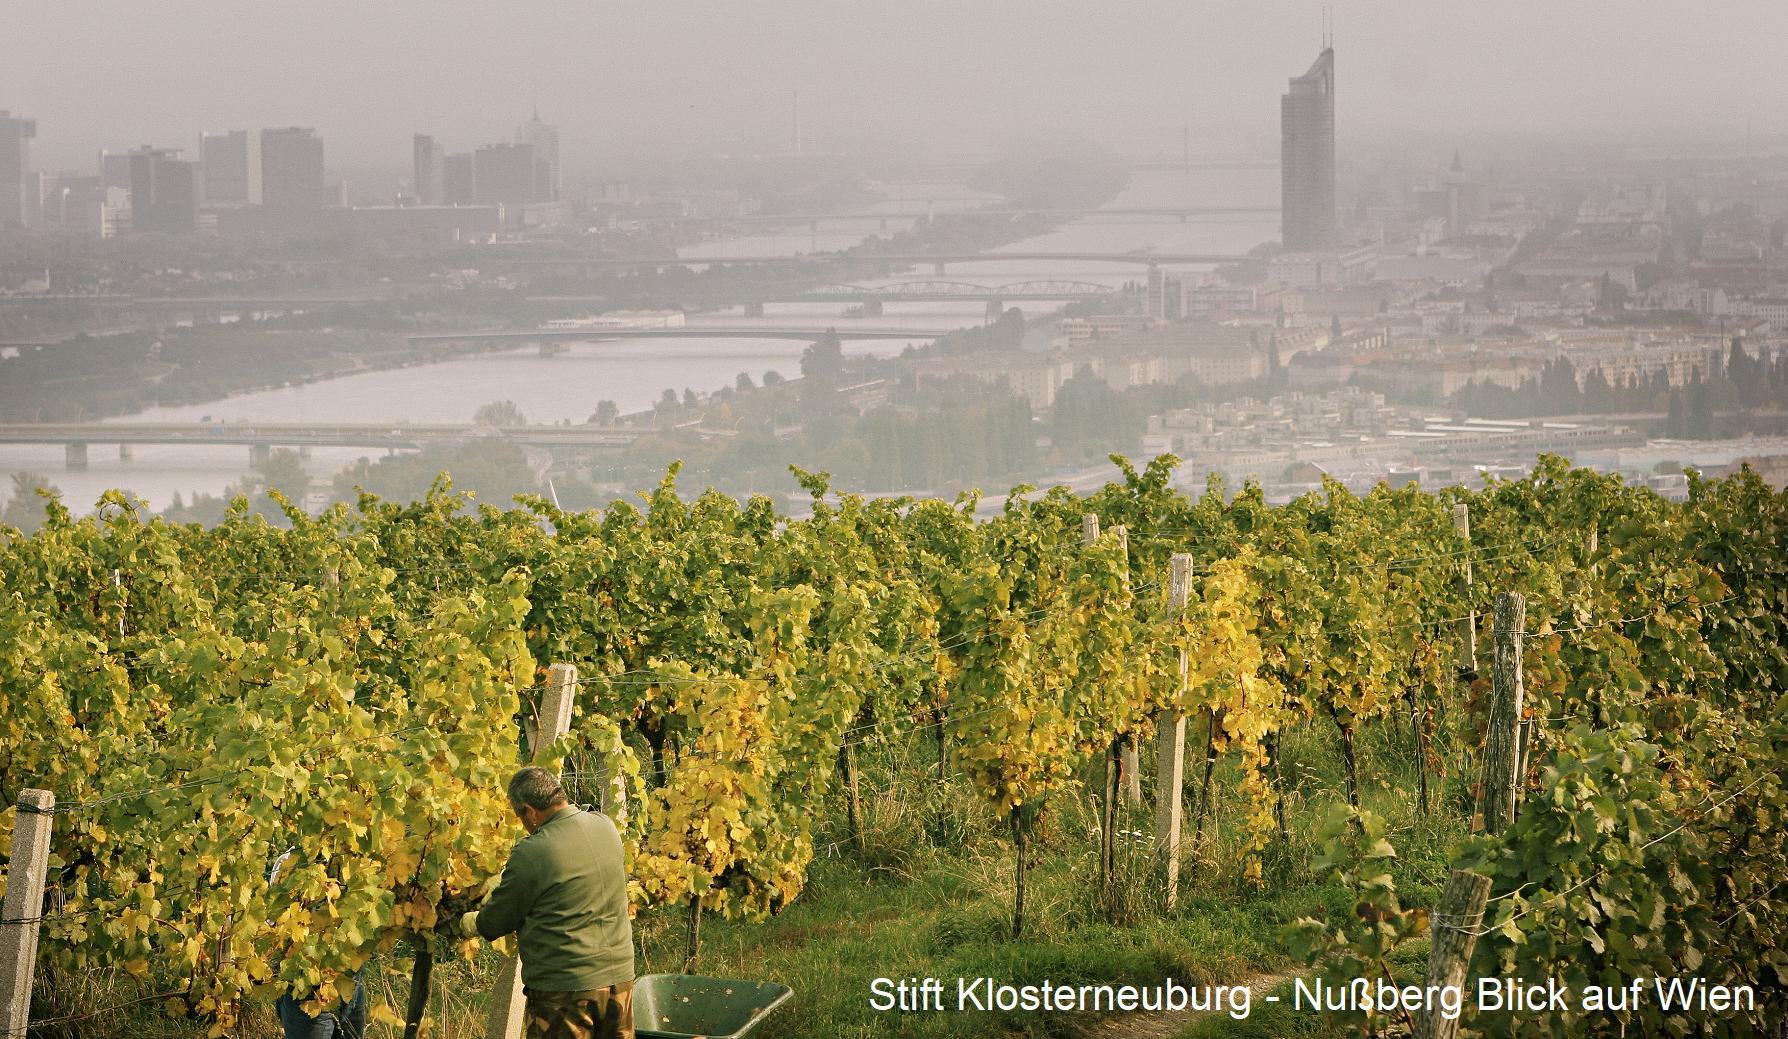 Klosterneuburg Abbey - View of Vienna from Nussberg